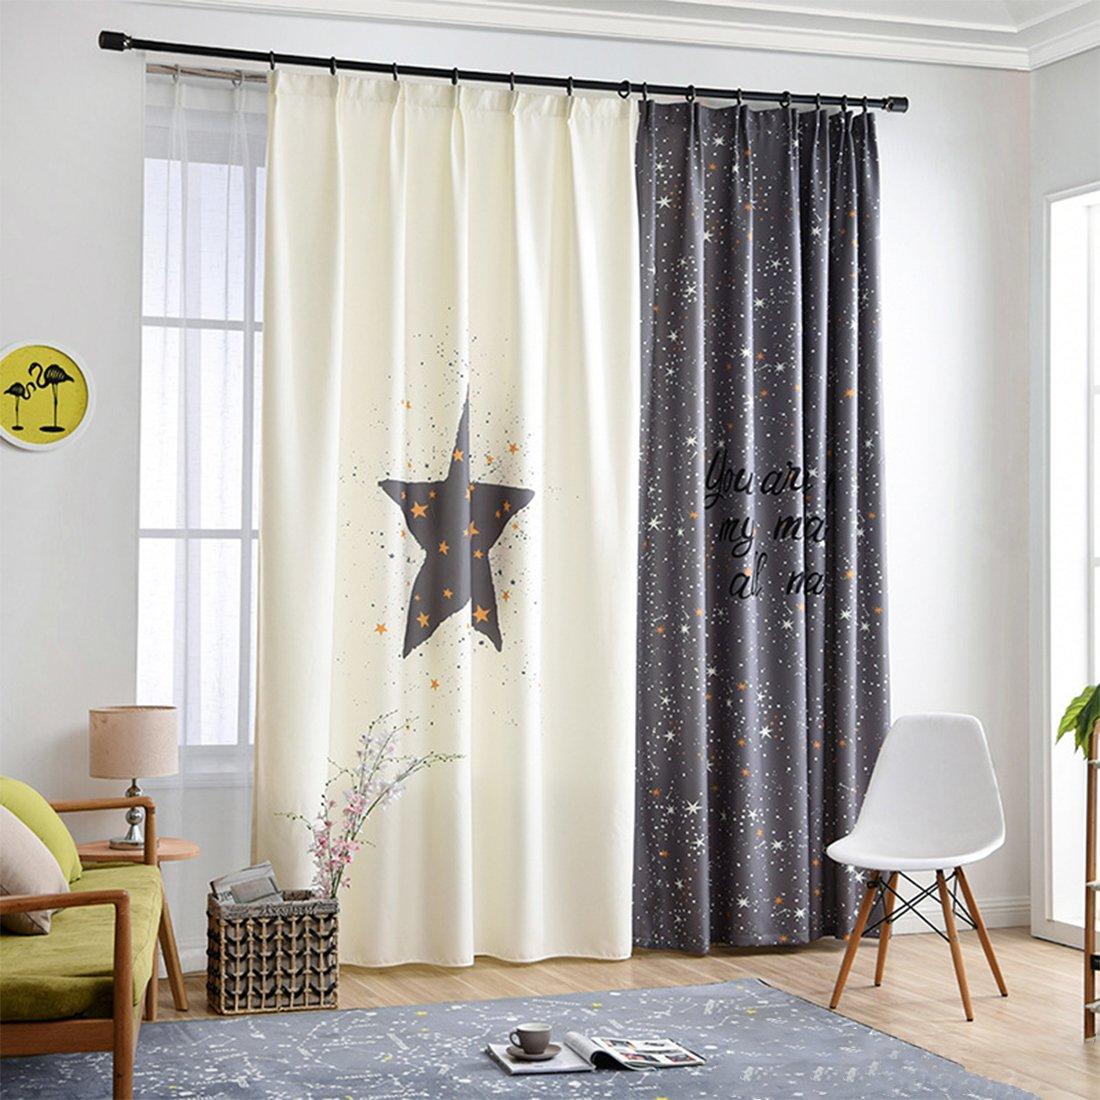 Gwell Rideau Occultant à Oeillets Rideaux Thermique de Fenêtre de Chambre Filles Garçons étoile Gris (1 pièce)